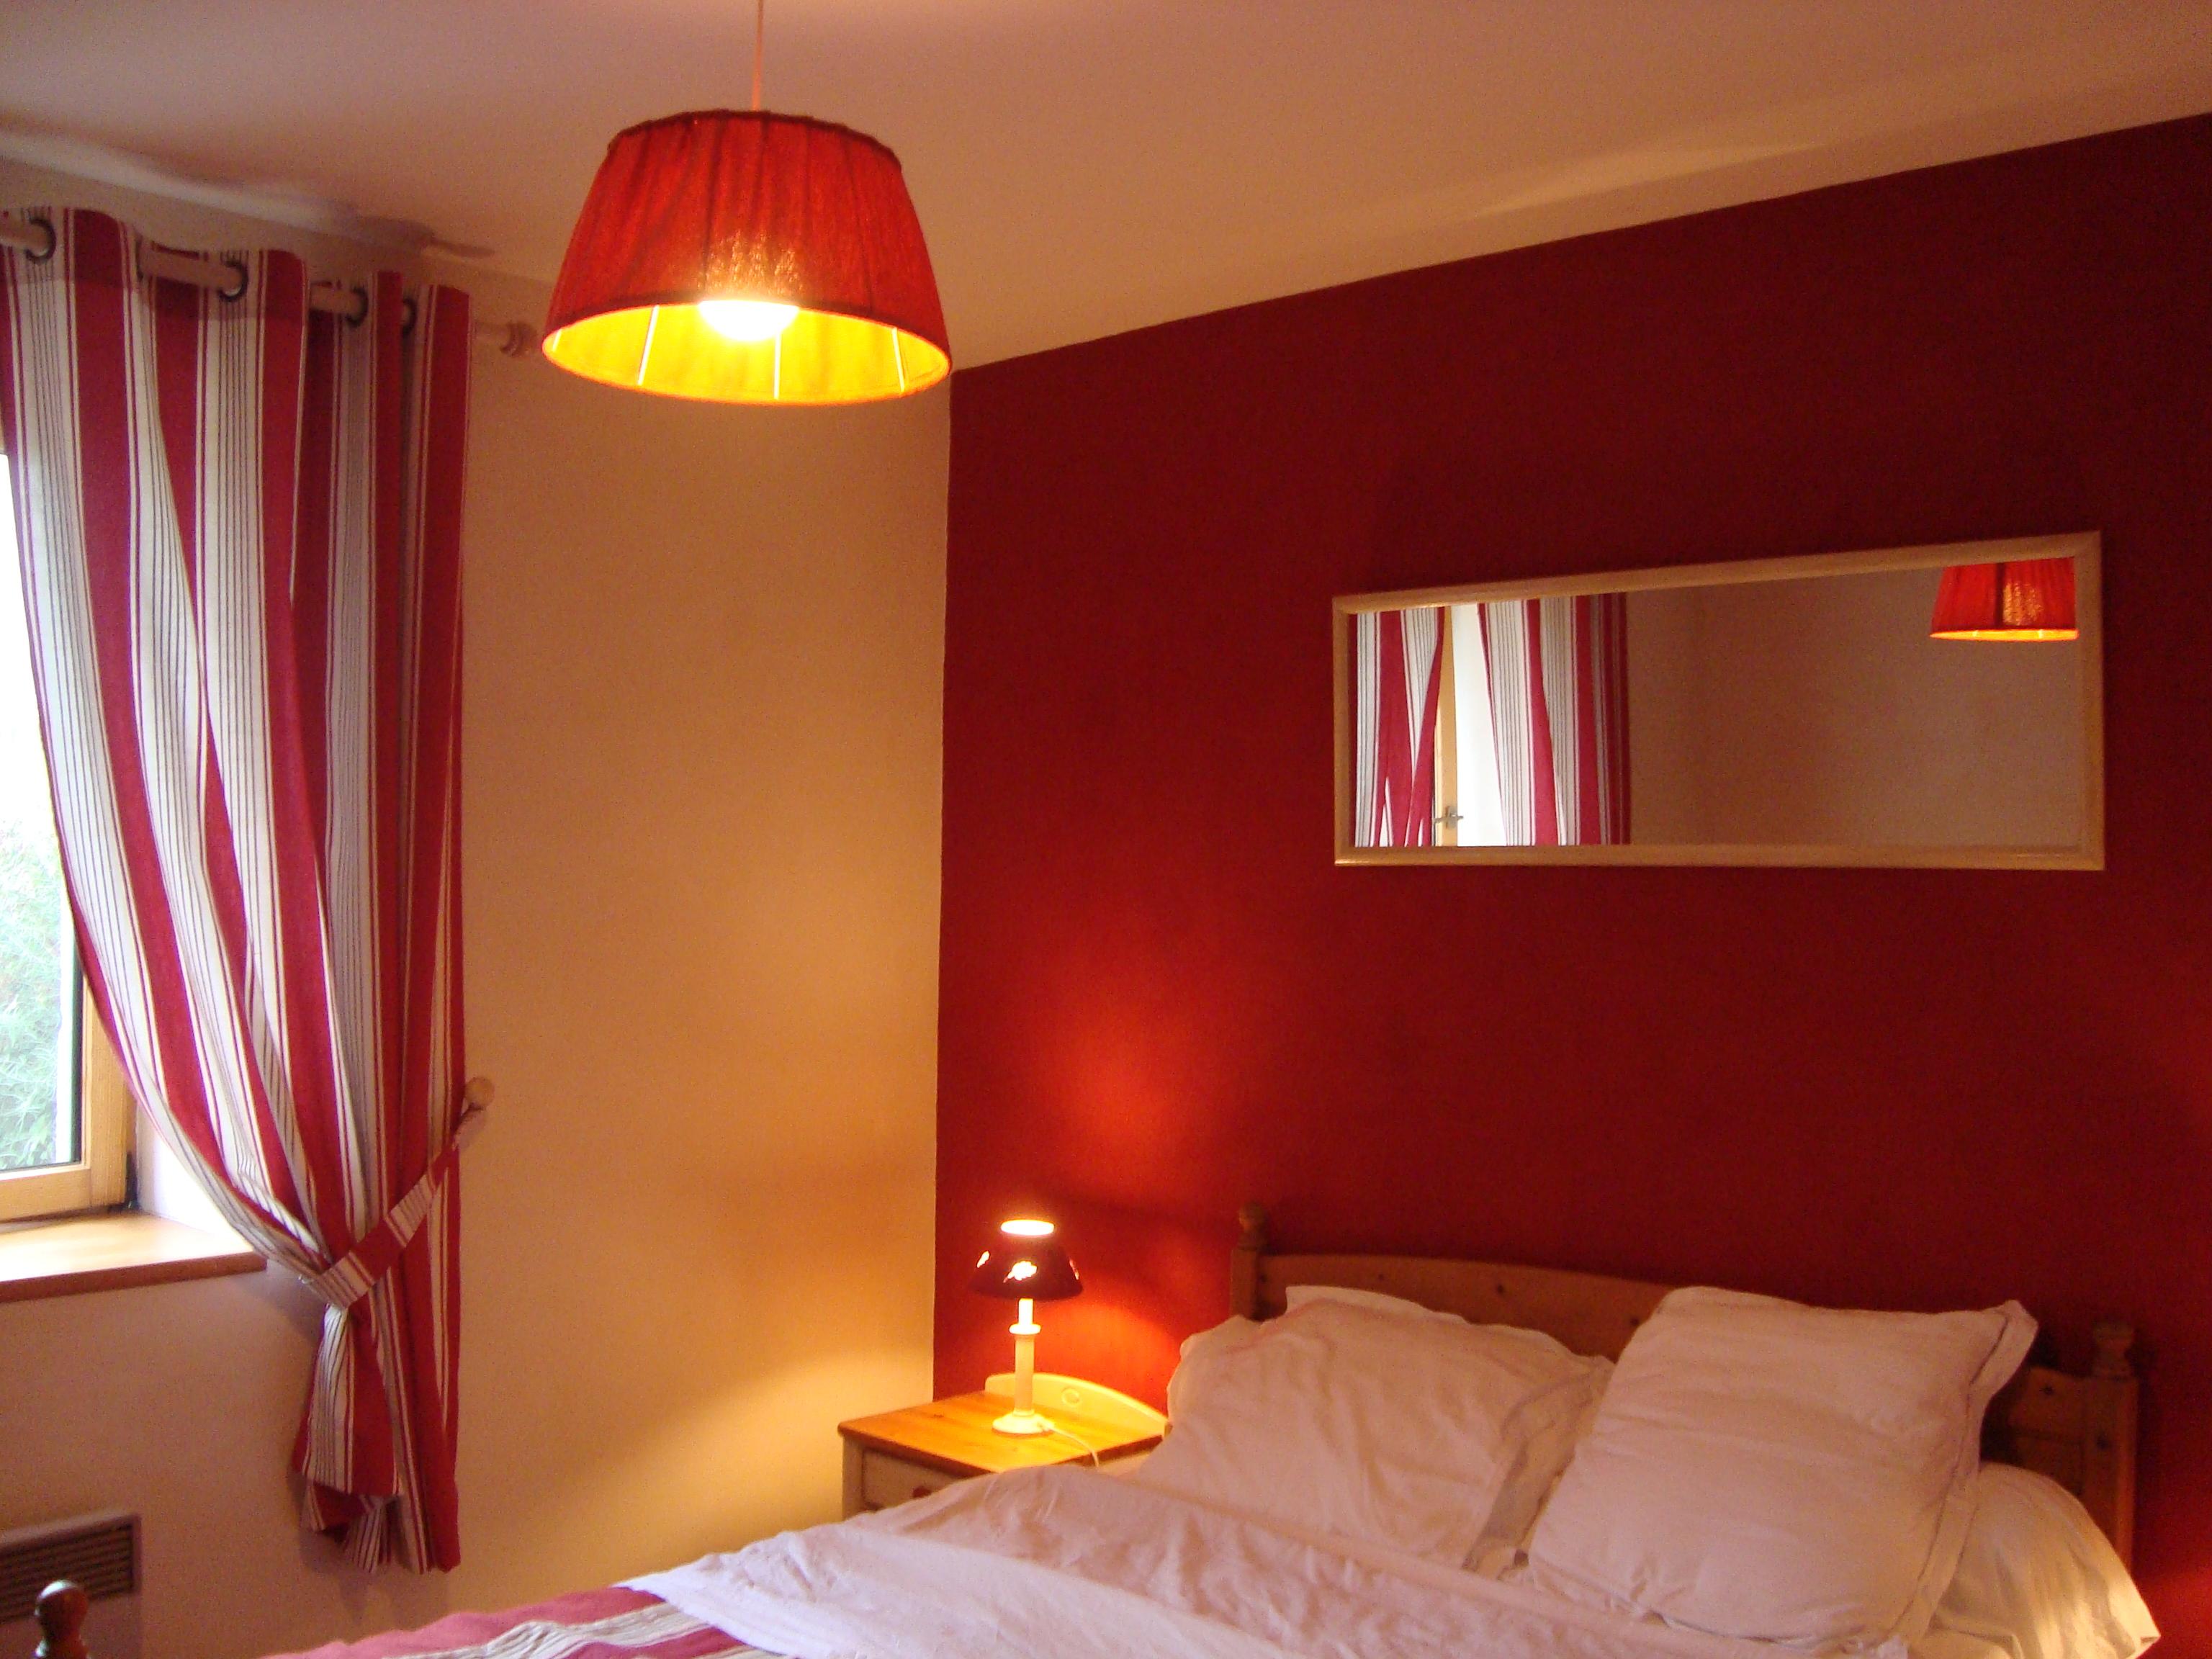 Merveilleux Perfect Deco Chambre Rouge Dedans Best Decoration Chambre Rouge Et Beige  Design With Deco Chambre Gris Et Rouge